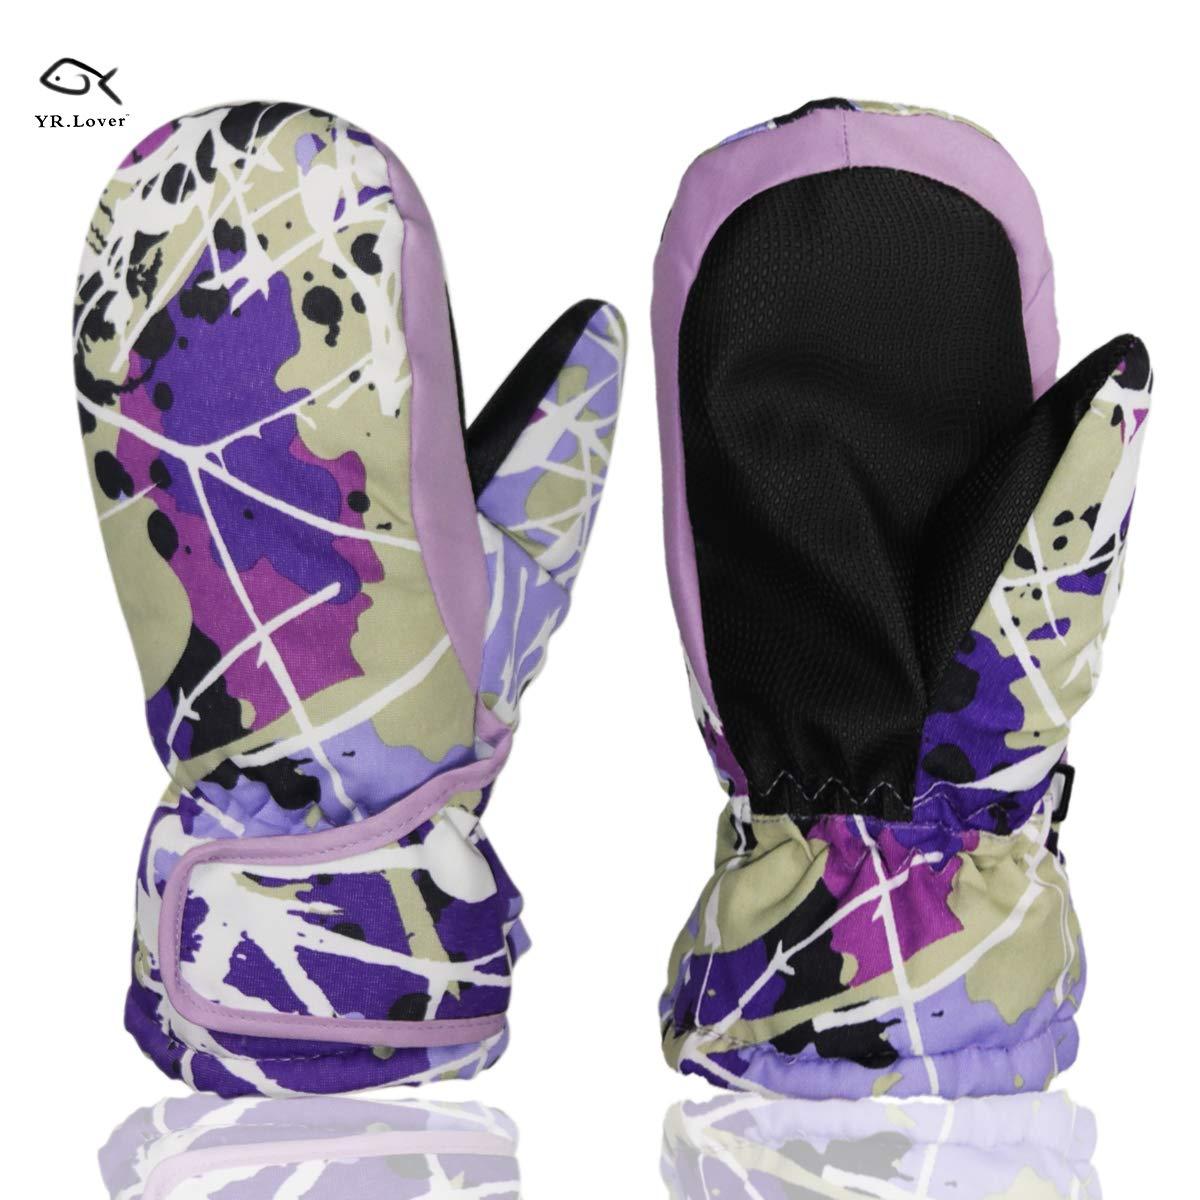 YR.Lover Children Ski Gloves Winter Warm Outdoor Riding Thickening Gloves(2-4Years) YRKST01-Black